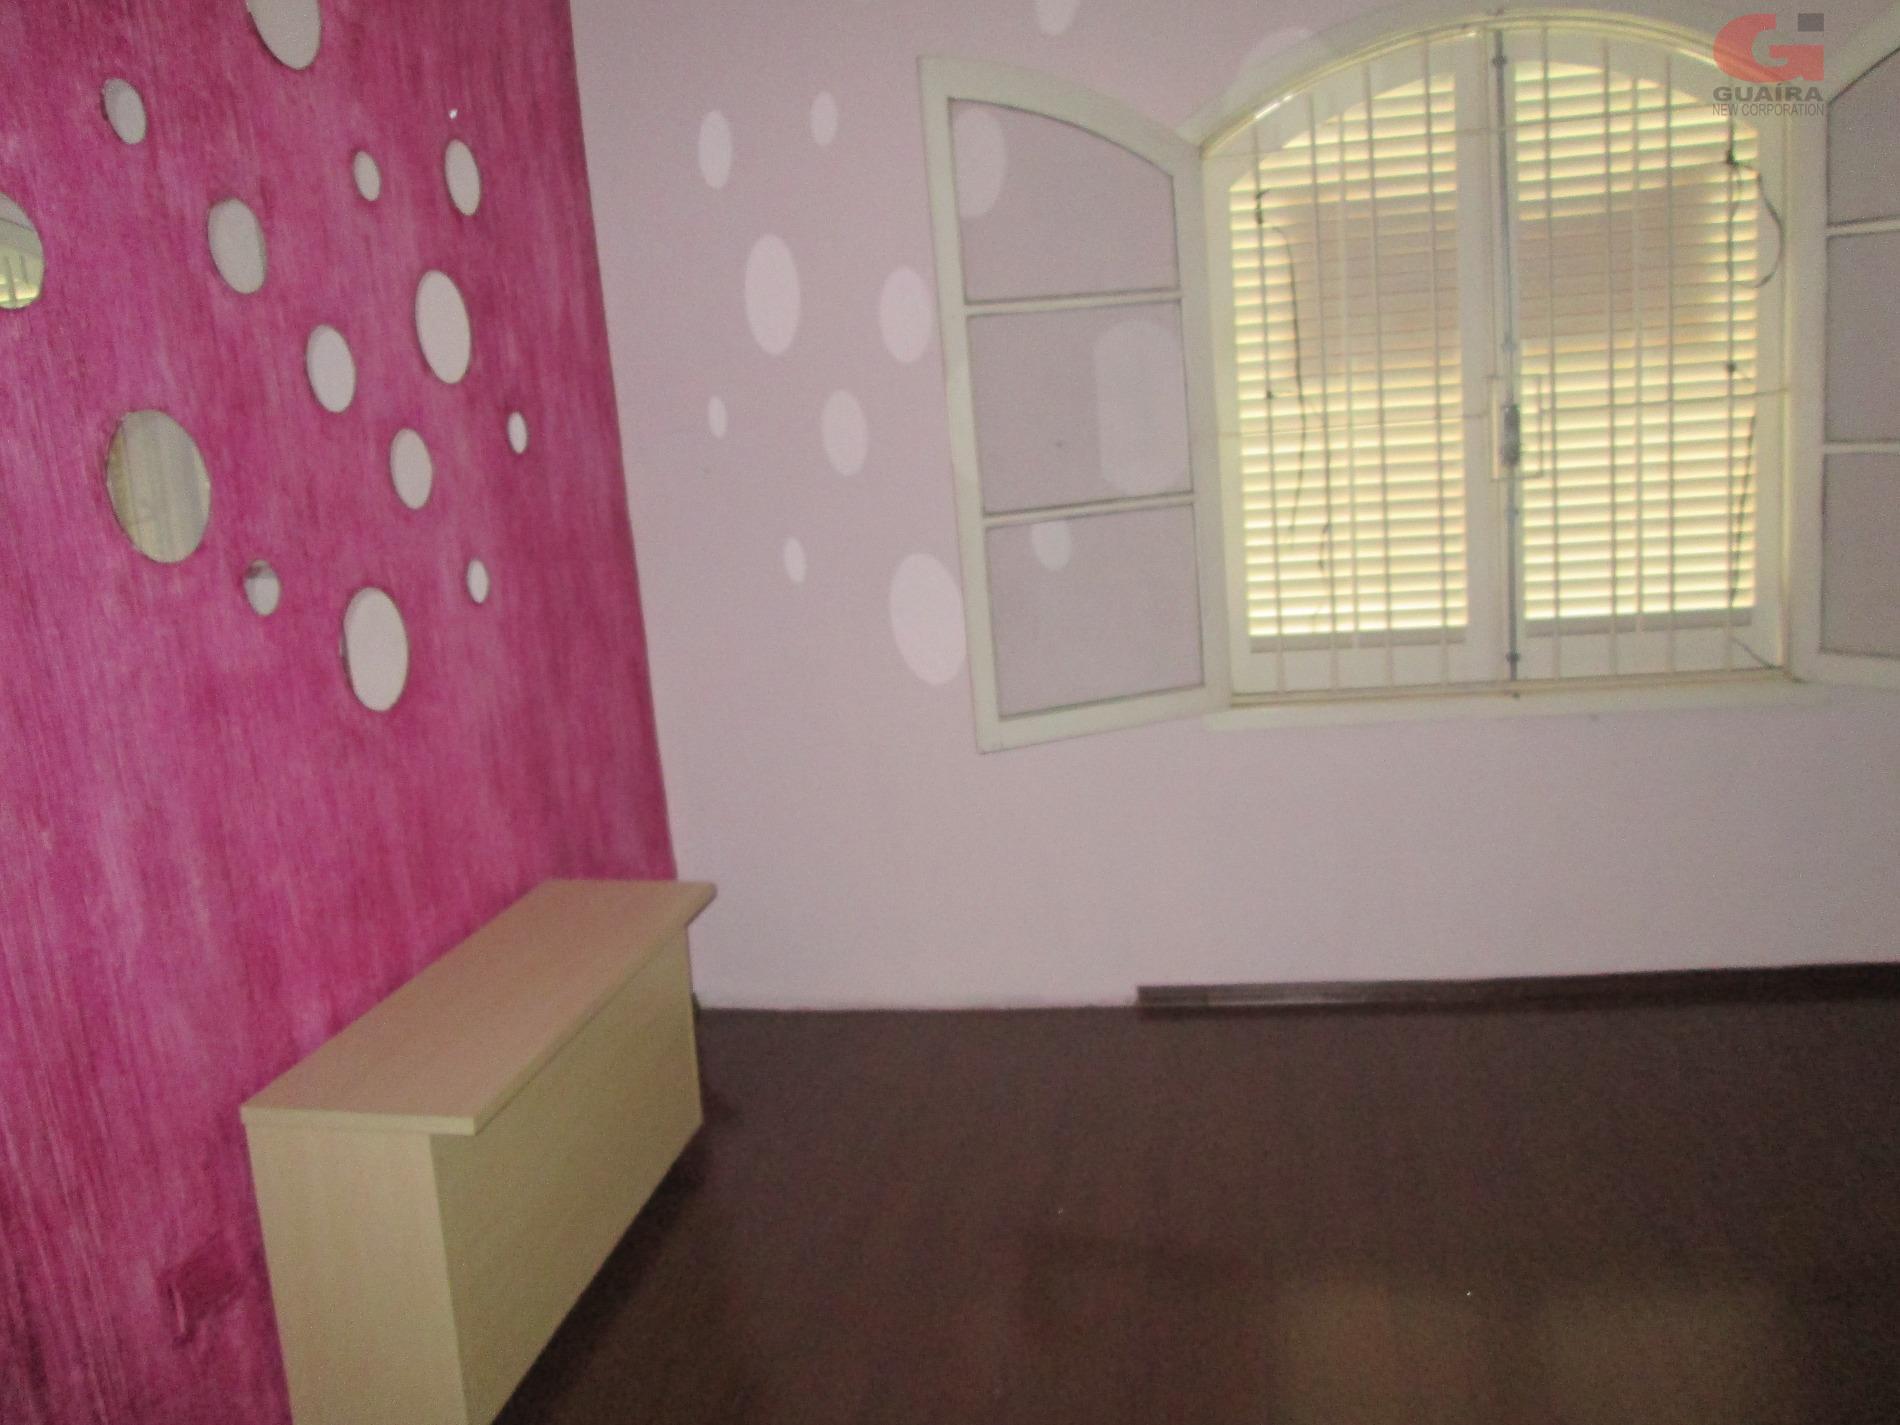 Sobrado de 2 dormitórios à venda em Vila Gonçalves, São Bernardo Do Campo - SP